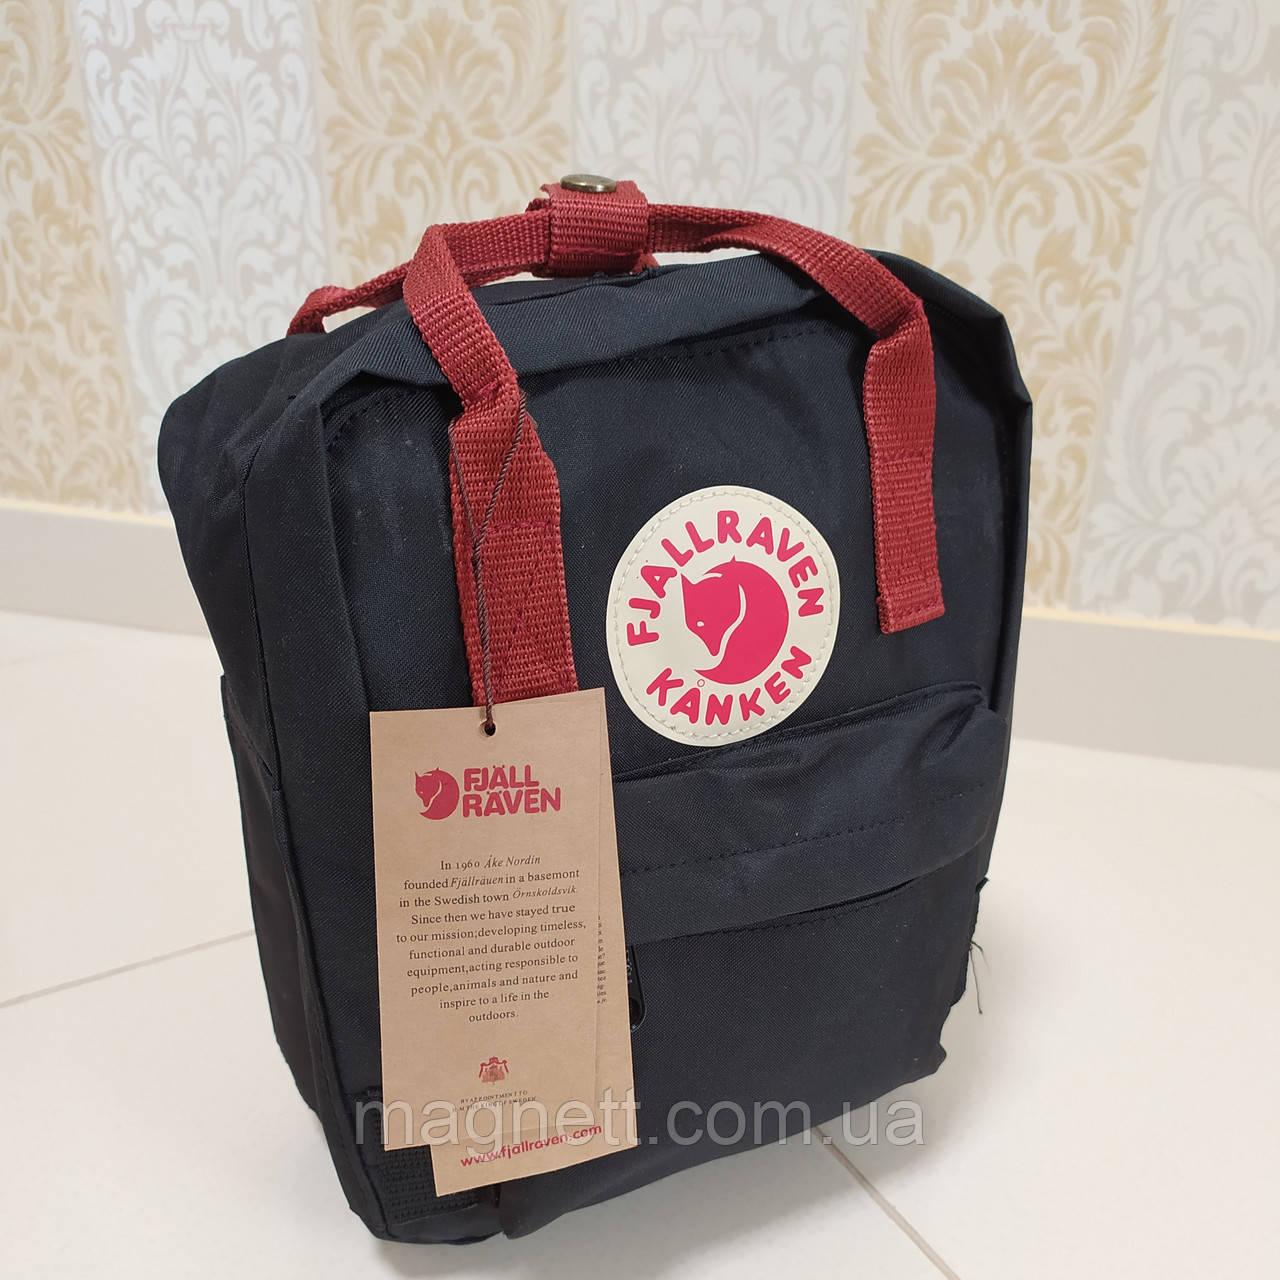 Рюкзак FJALLRAVEN Kanken Mini для детей и взрослых 27x22x9 (черный)